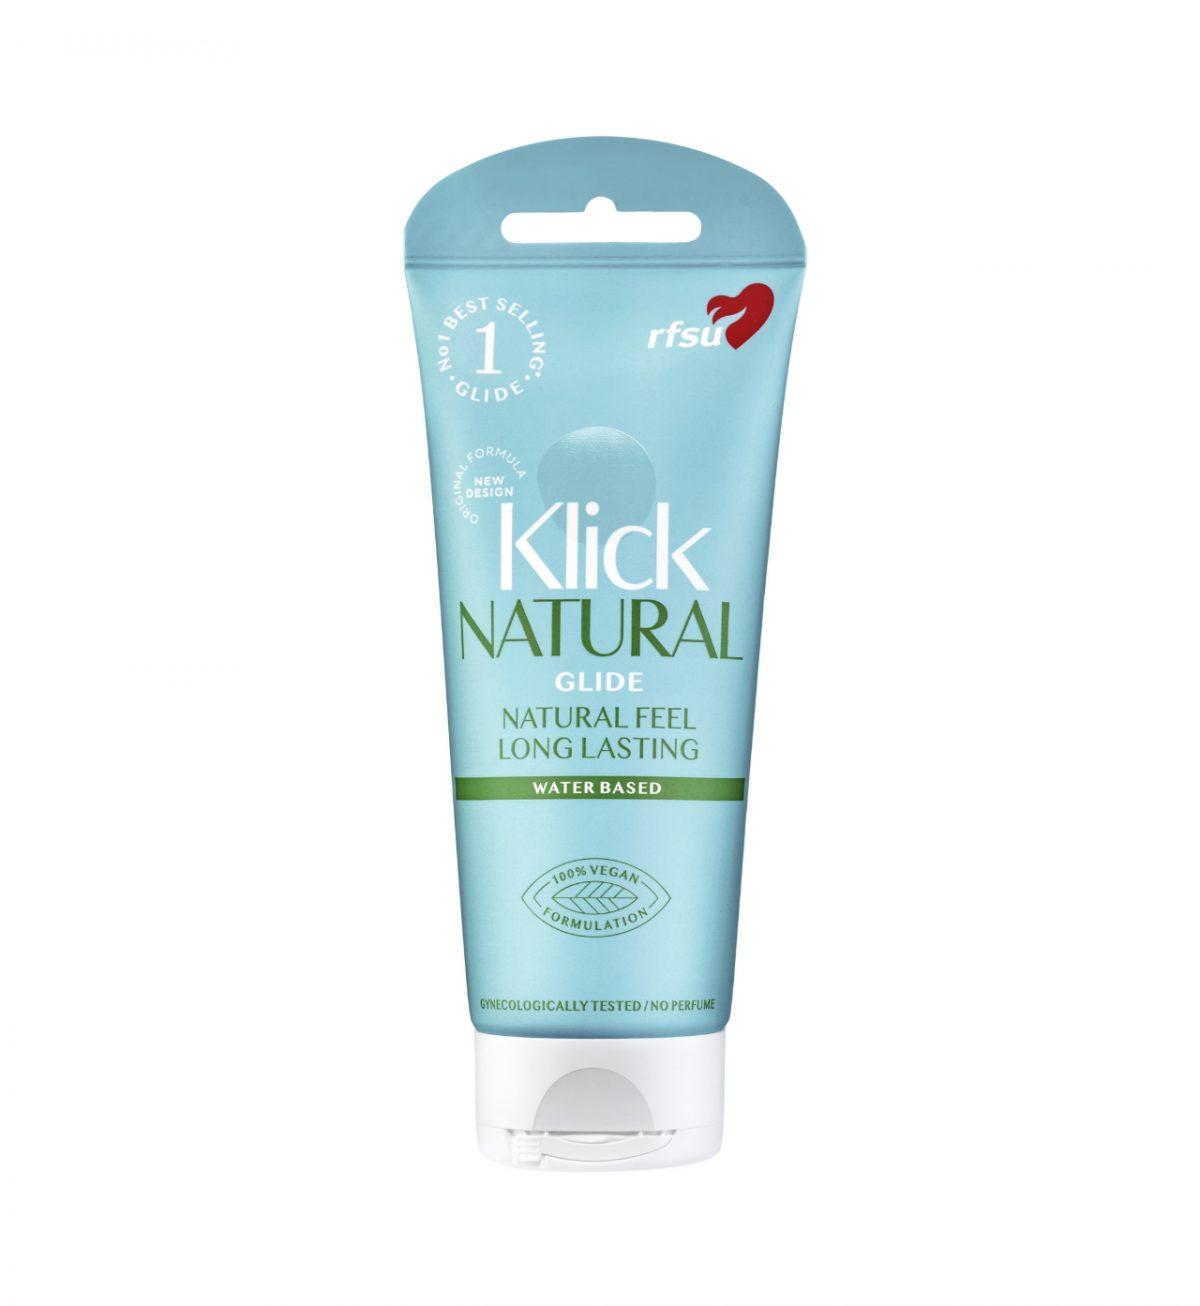 Klick Natural Glide 100ml - Glidemiddel for en naturlig følelse. - RFSU